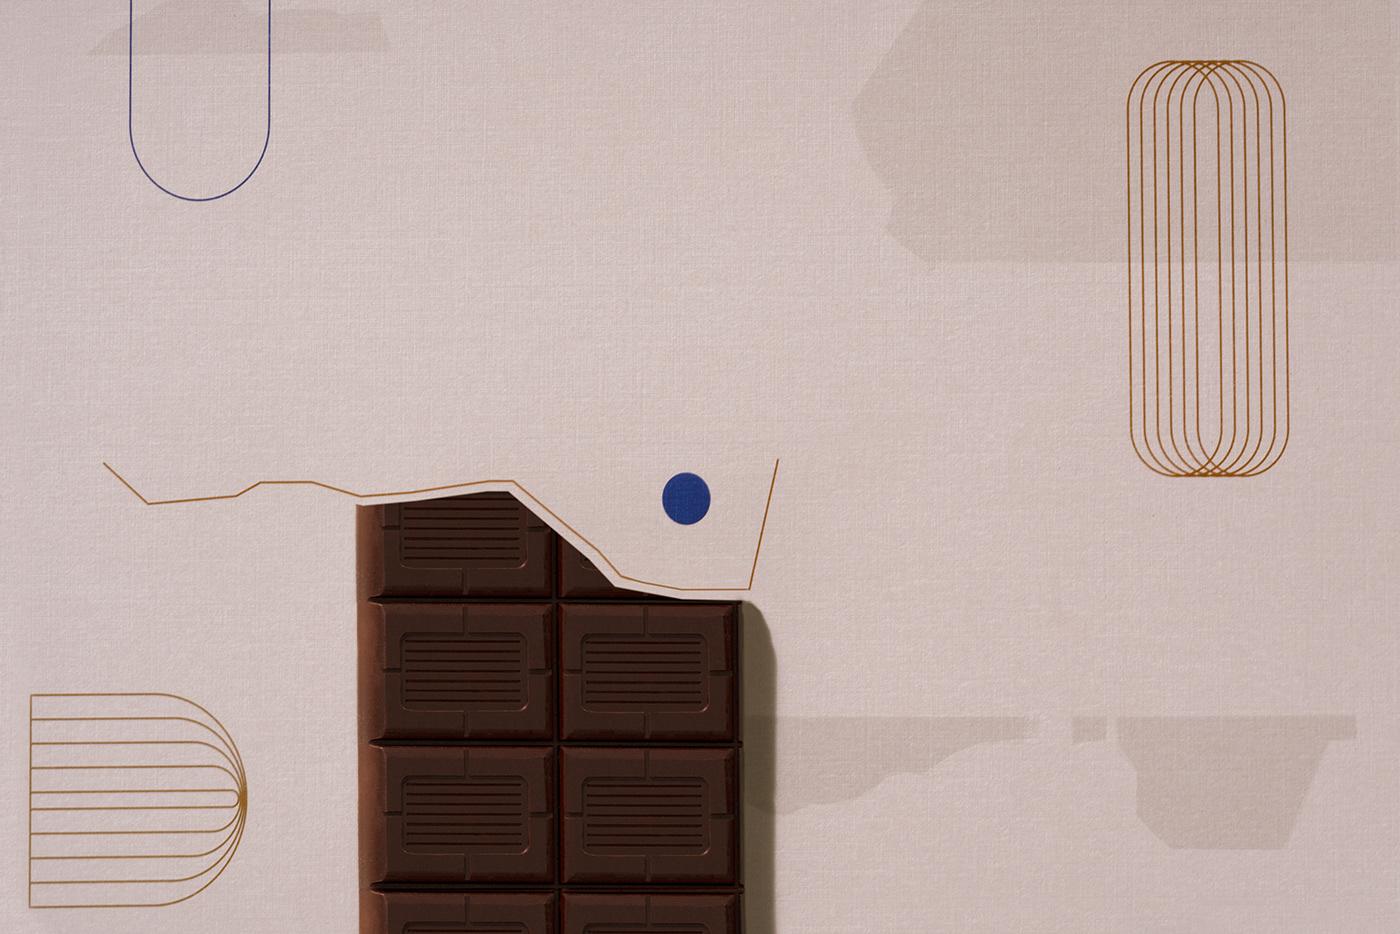 branding  byFutura coffee shop editorial Futura kanzan